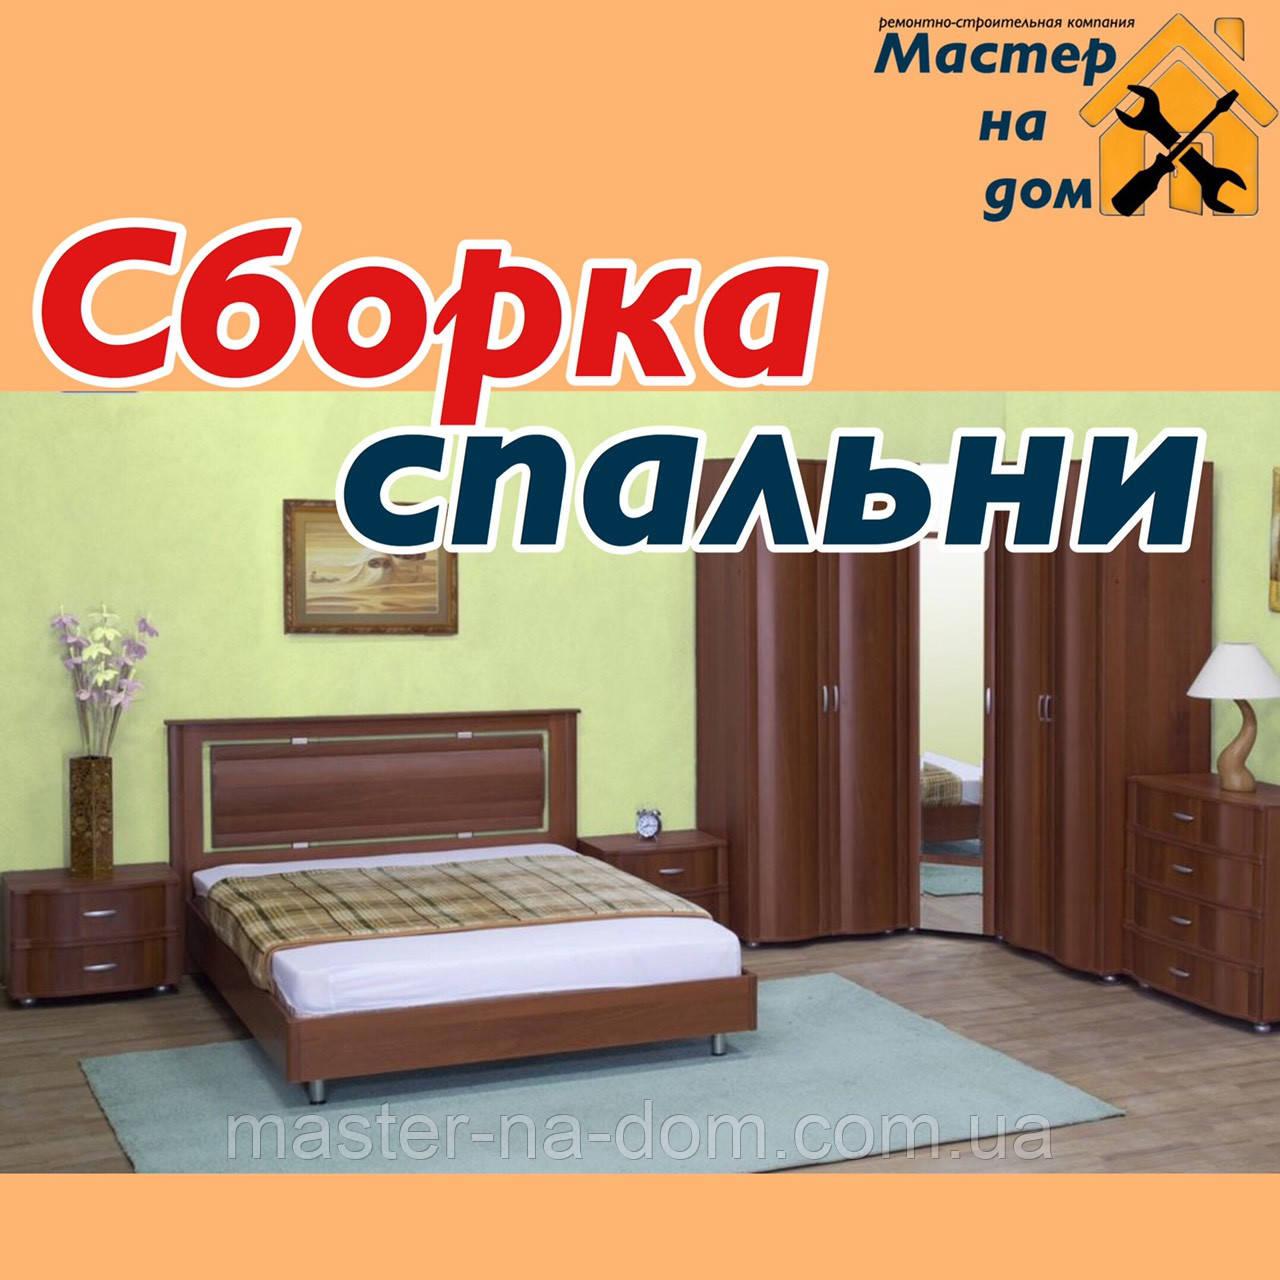 Сборка спальни: кровати, комоды, тумбочки в Николаеве